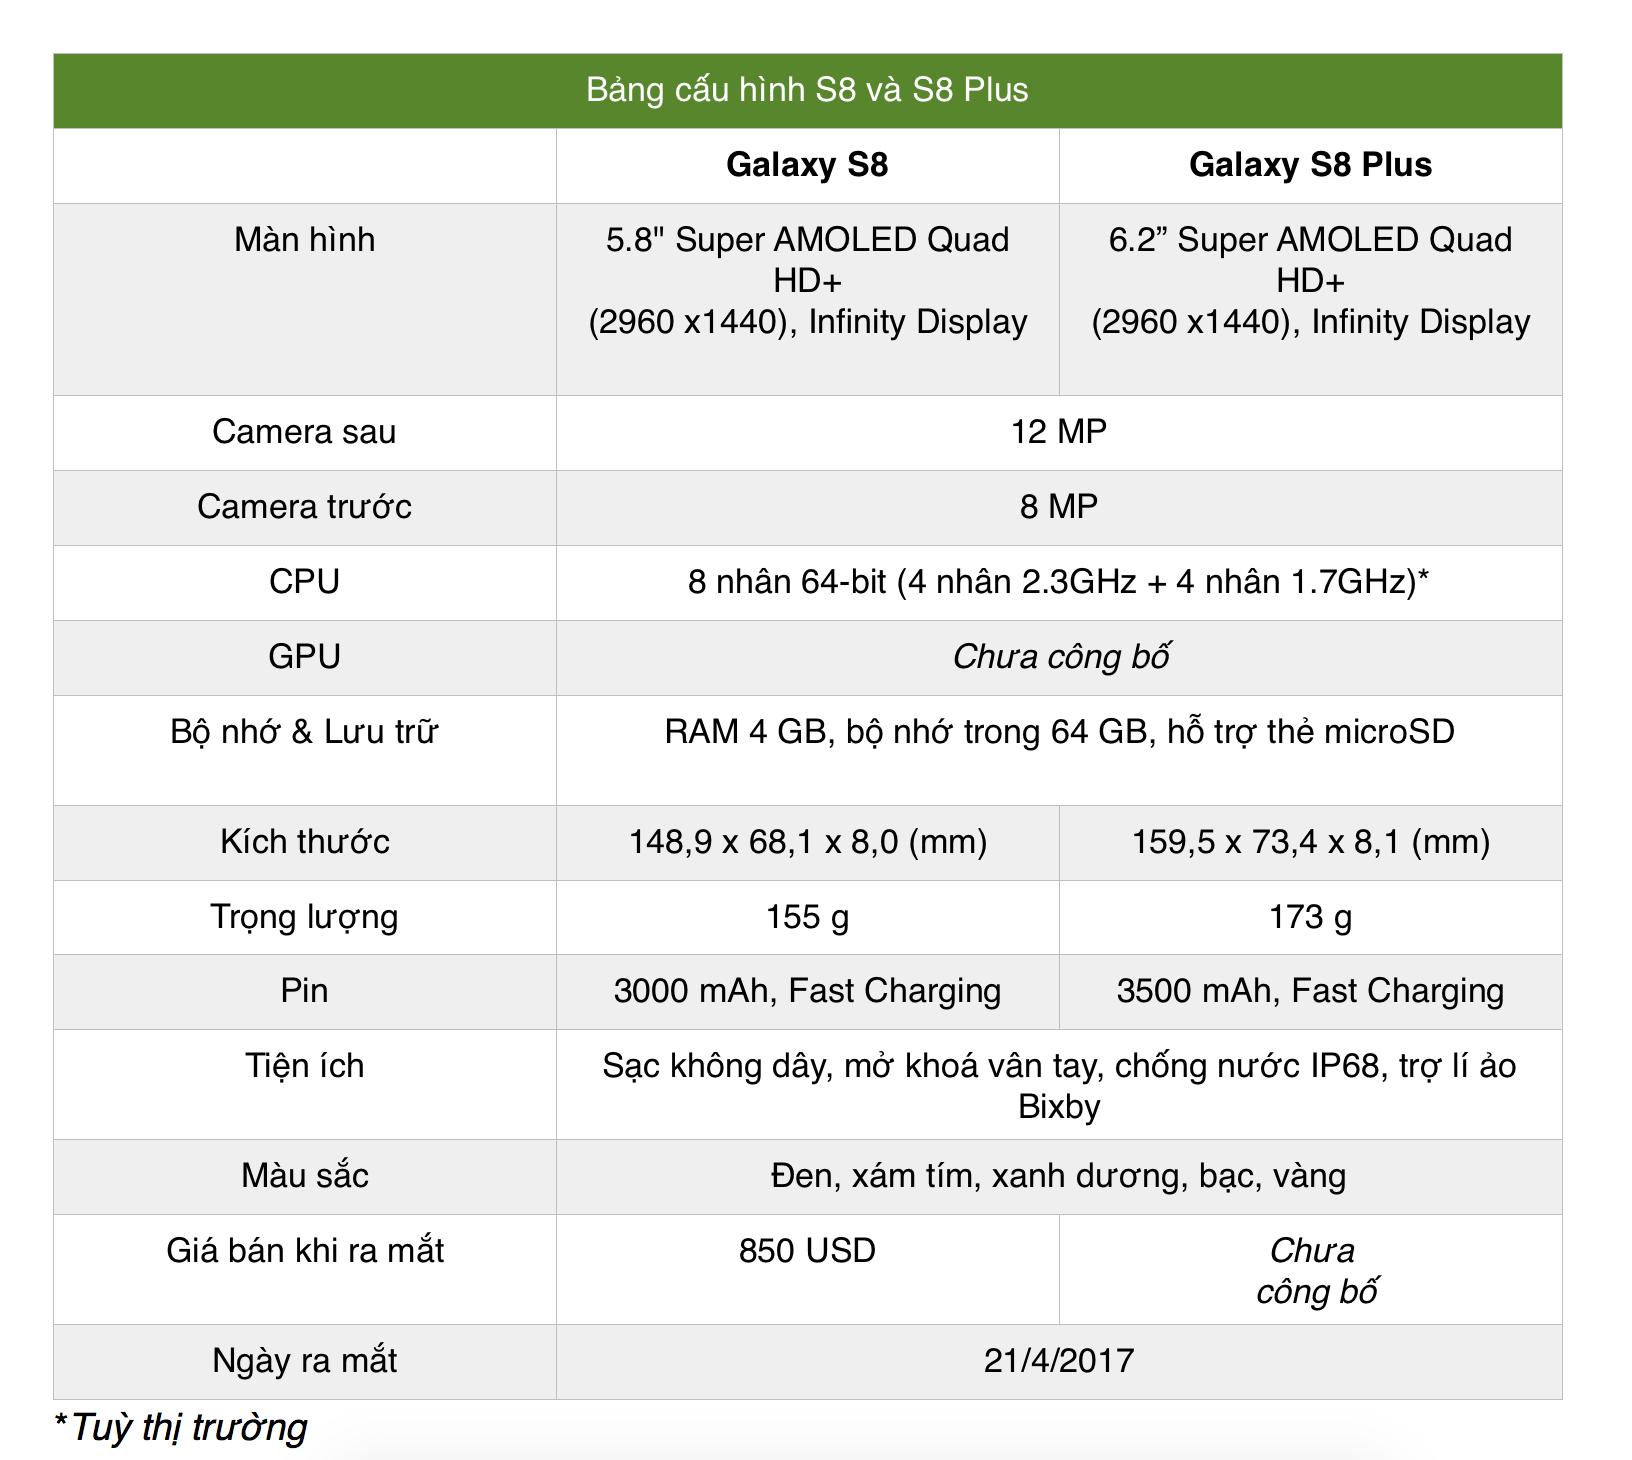 Không kịp xem sự kiện Samsung, đọc ngay để biết siêu phẩm Galaxy S8/S8 Plus có gì mà vạn người mê - Ảnh 15.